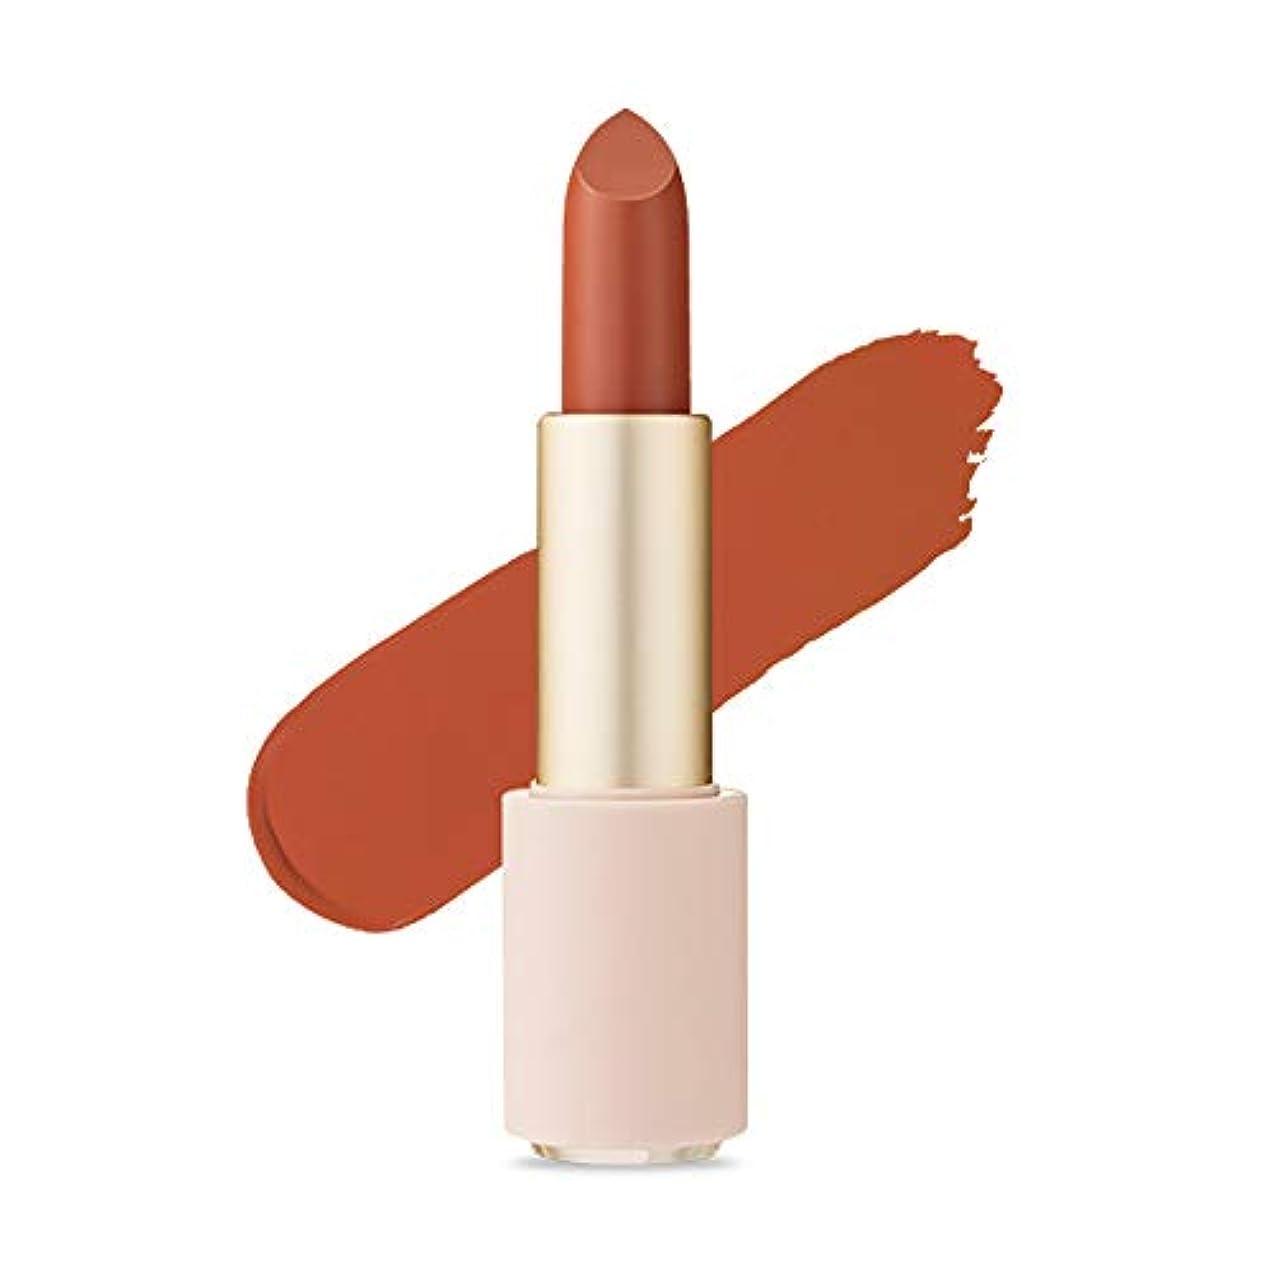 コスチューム人口マディソンEtude House Better Lips Talk Velvet エチュードハウス ベター リップス - トーク ベルベット (# BE119 Orange Bianco) [並行輸入品]